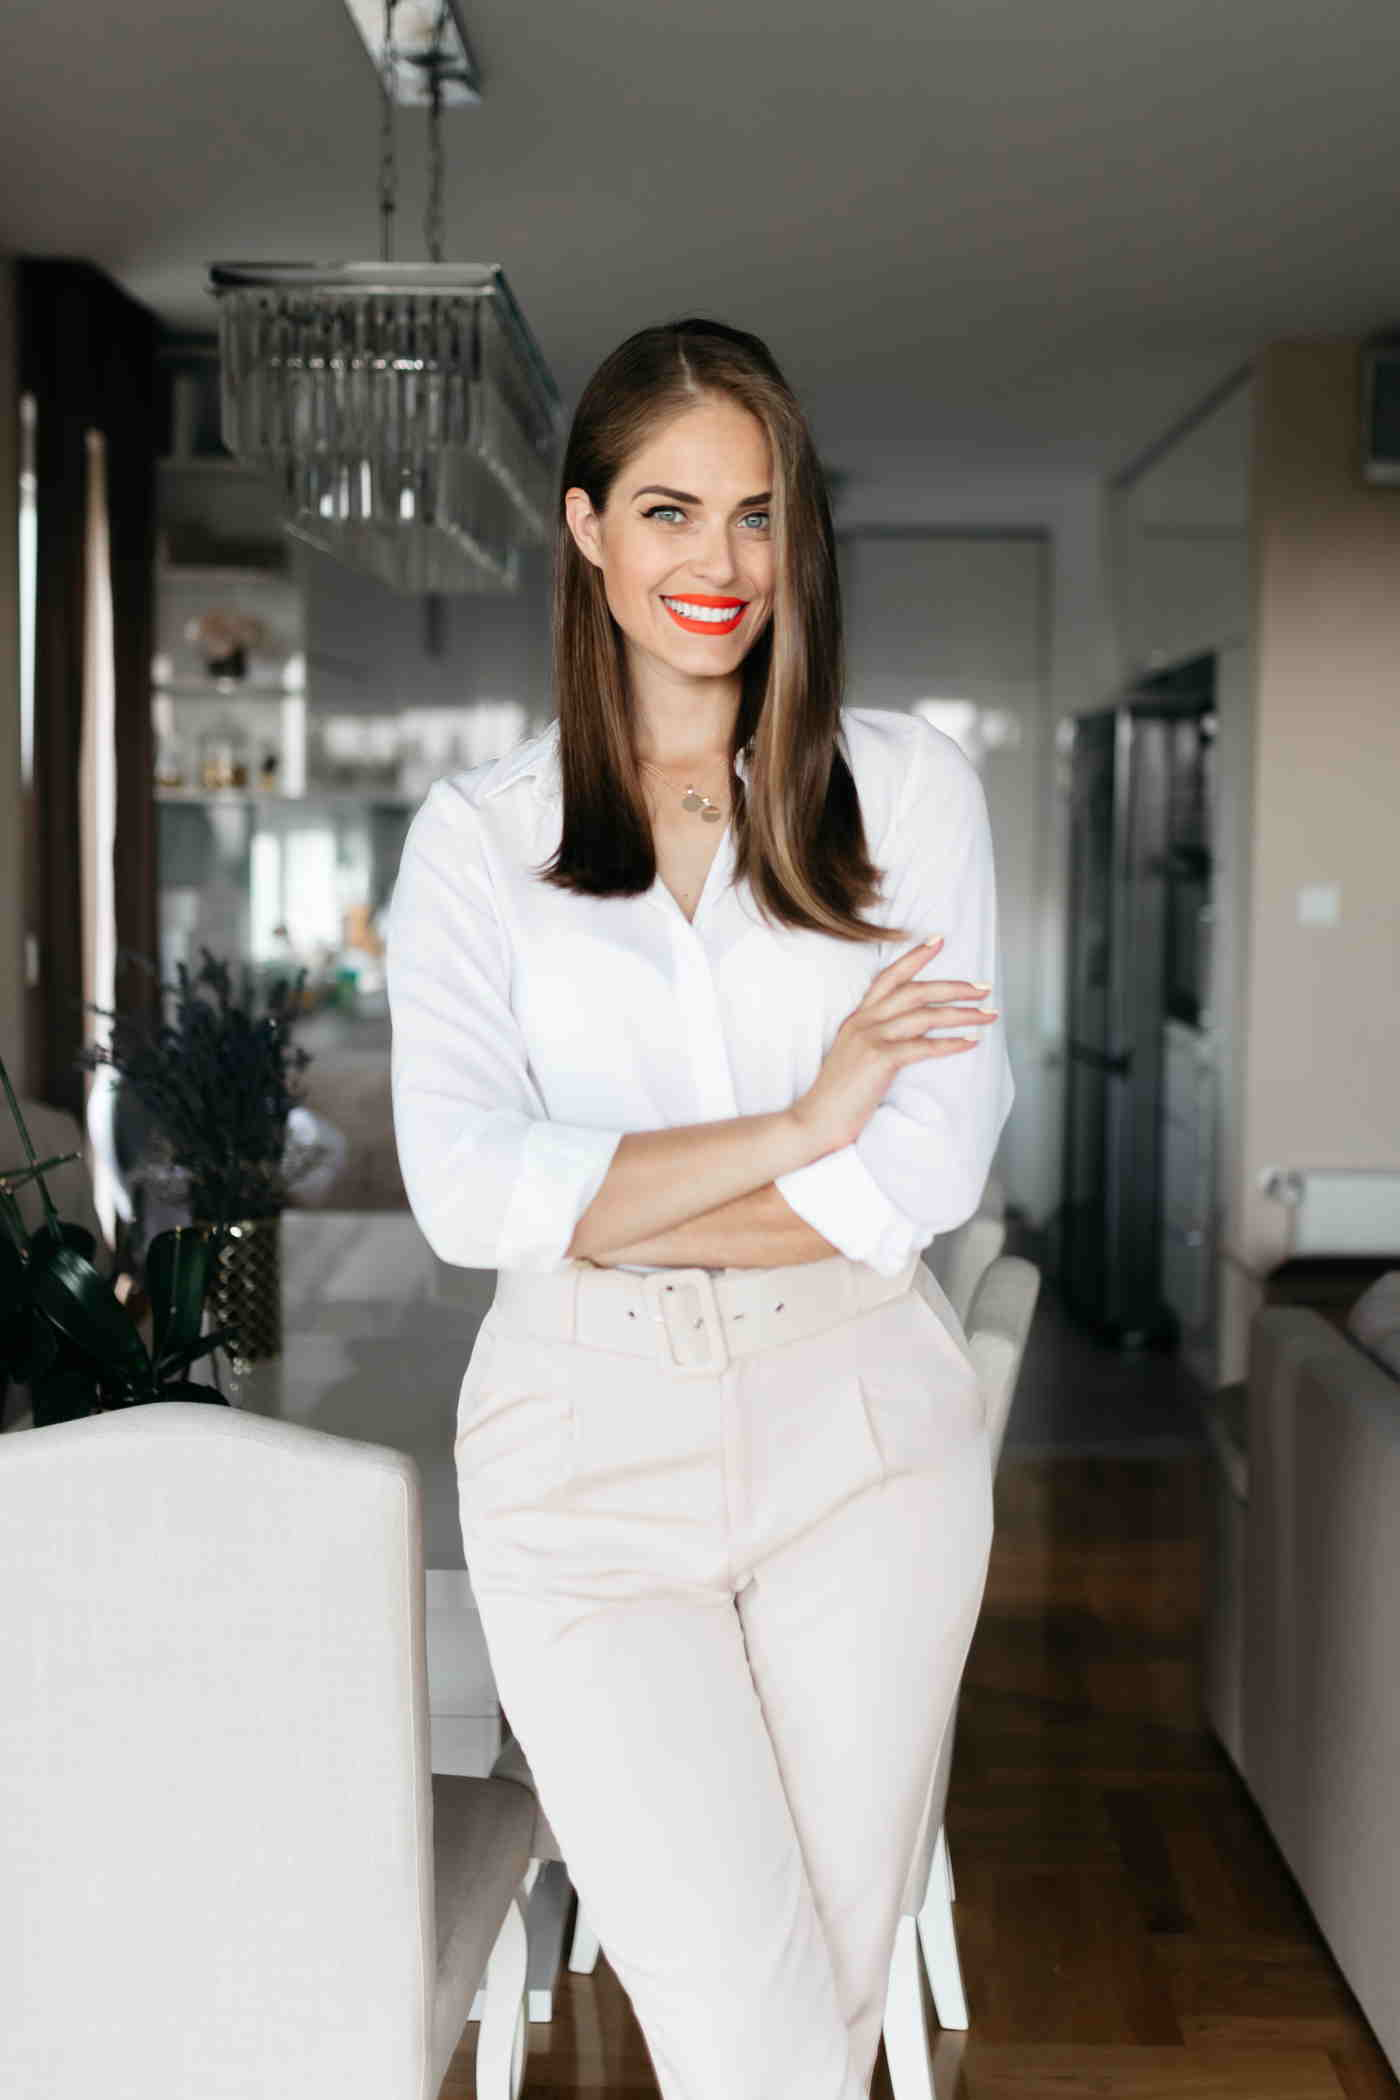 Od suradnje s Kardashianima, preko Europskog parlamenta do vlastitog biznisa: Mia Antunović